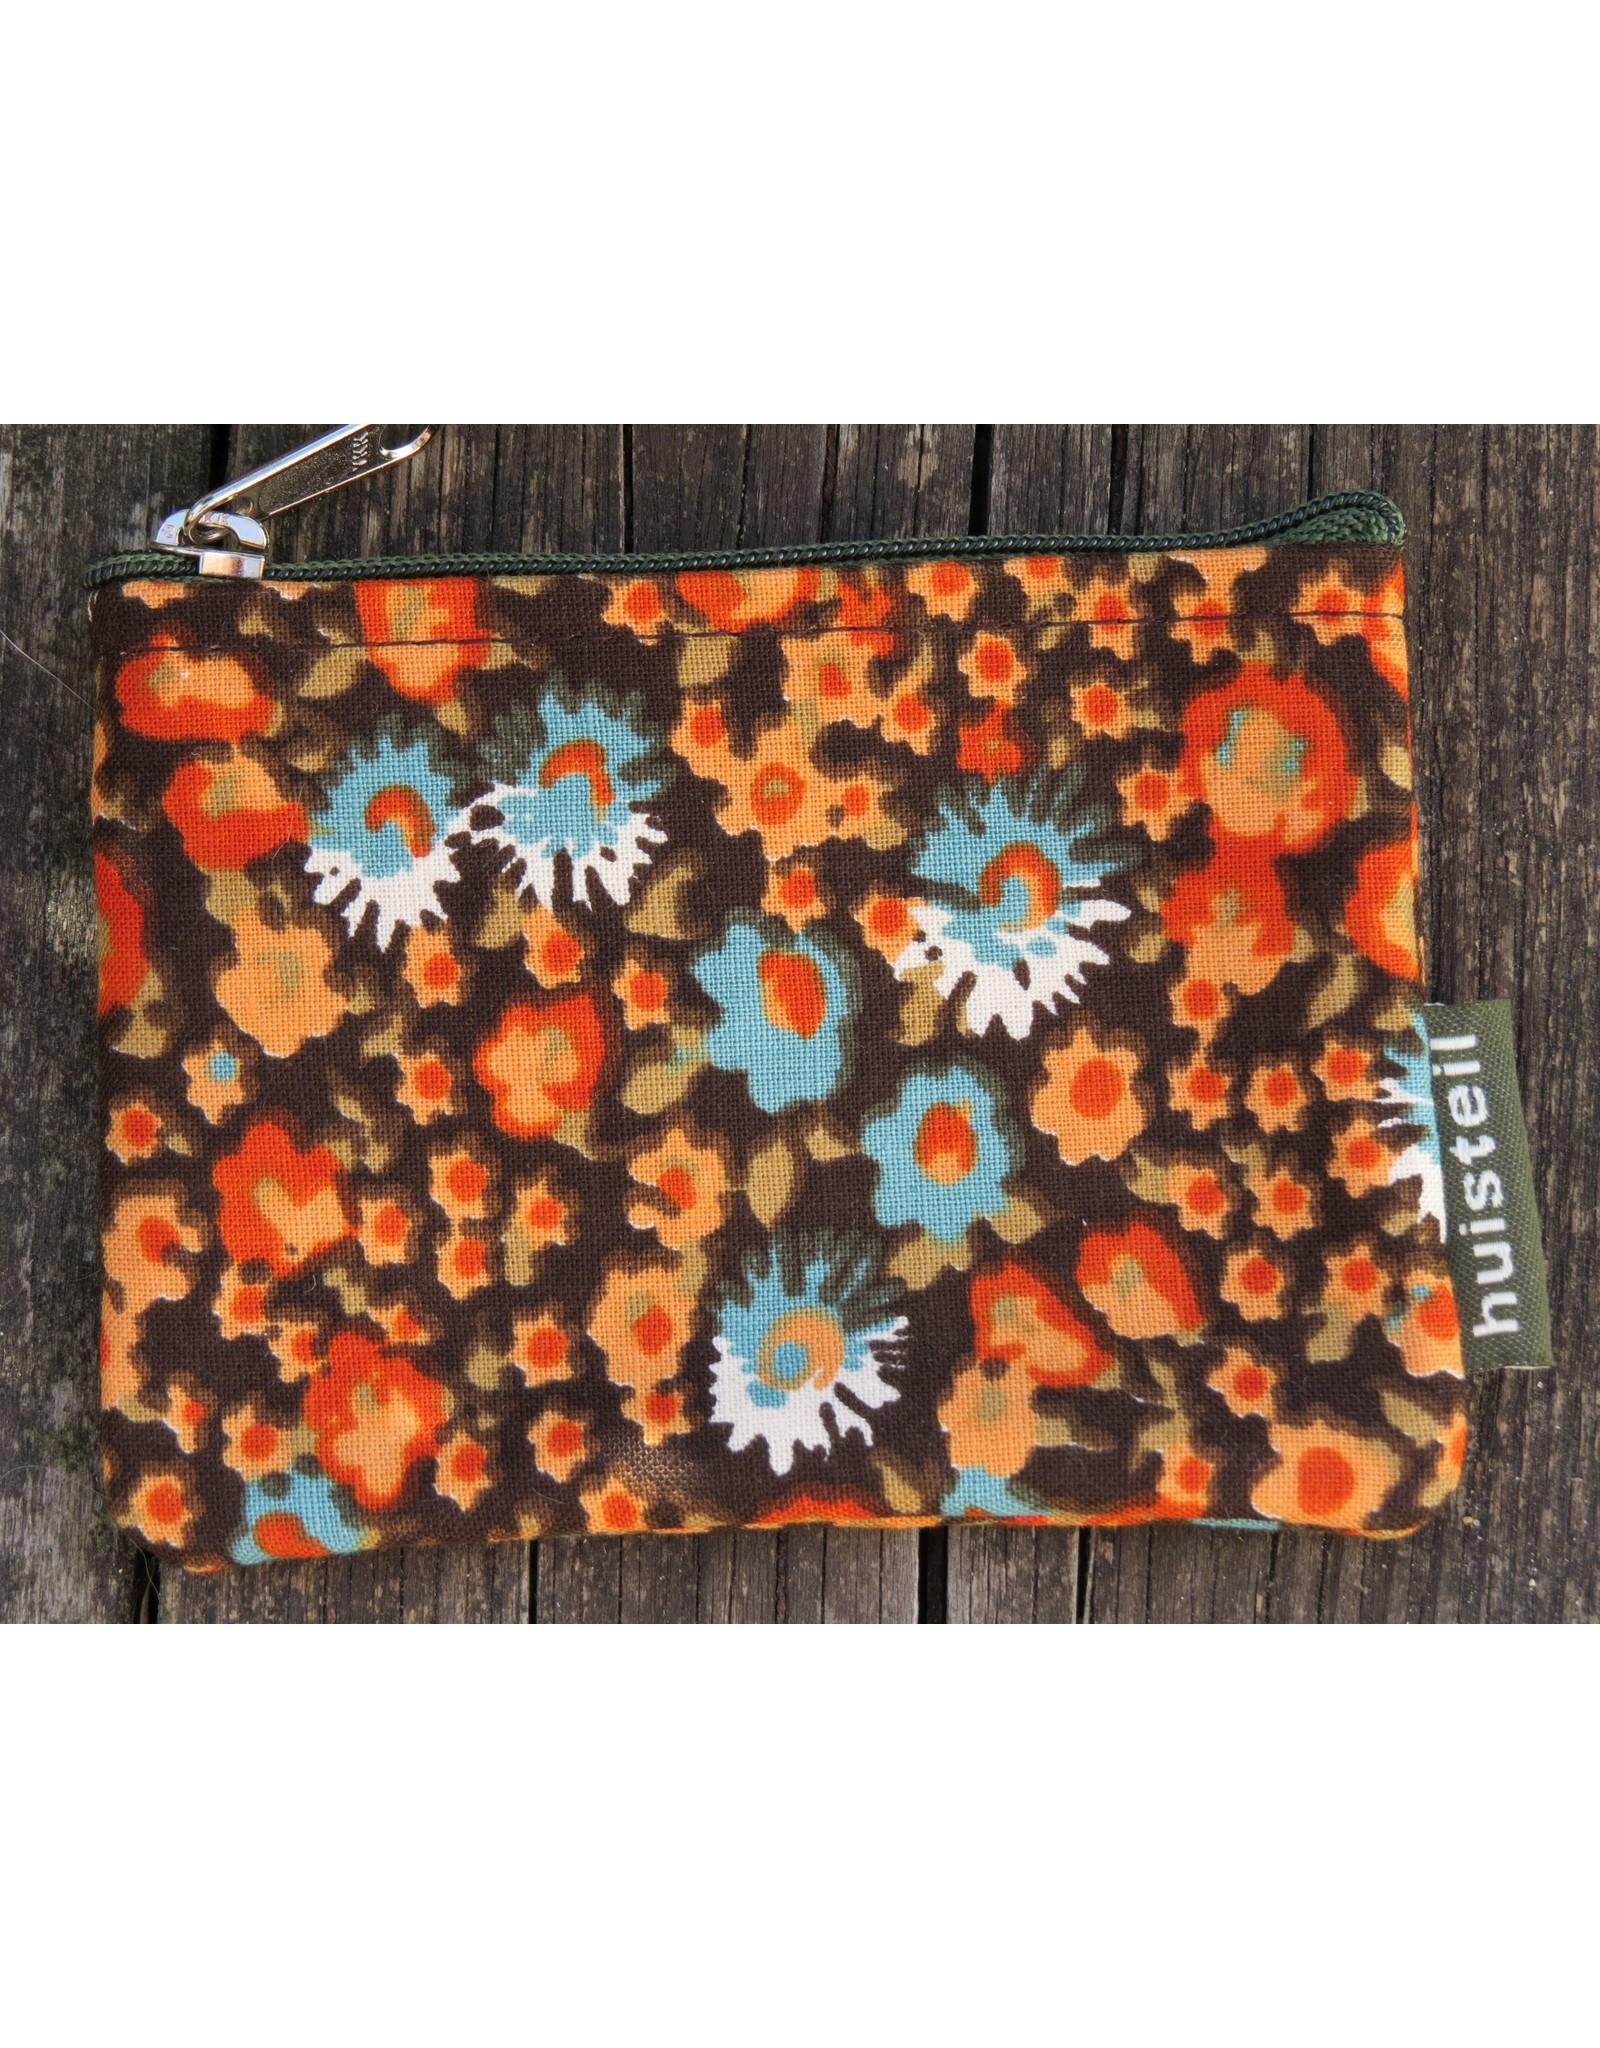 Huisteil Kleine vintage portemonnee - oranje bloemen